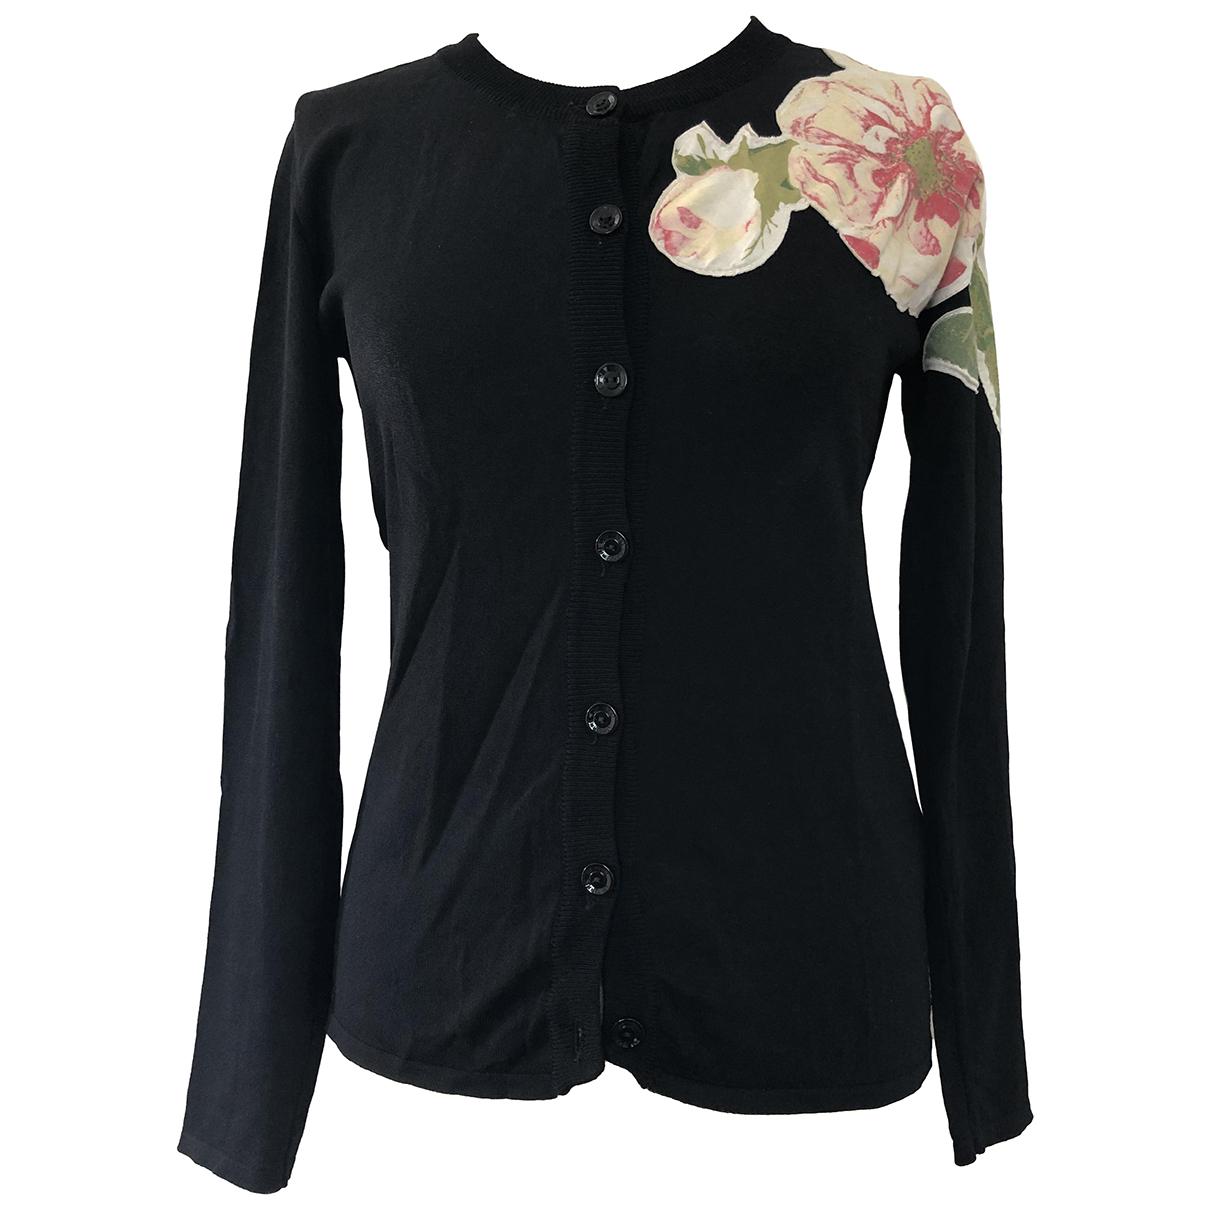 Gianfranco Ferré N Black Knitwear for Women 36 FR